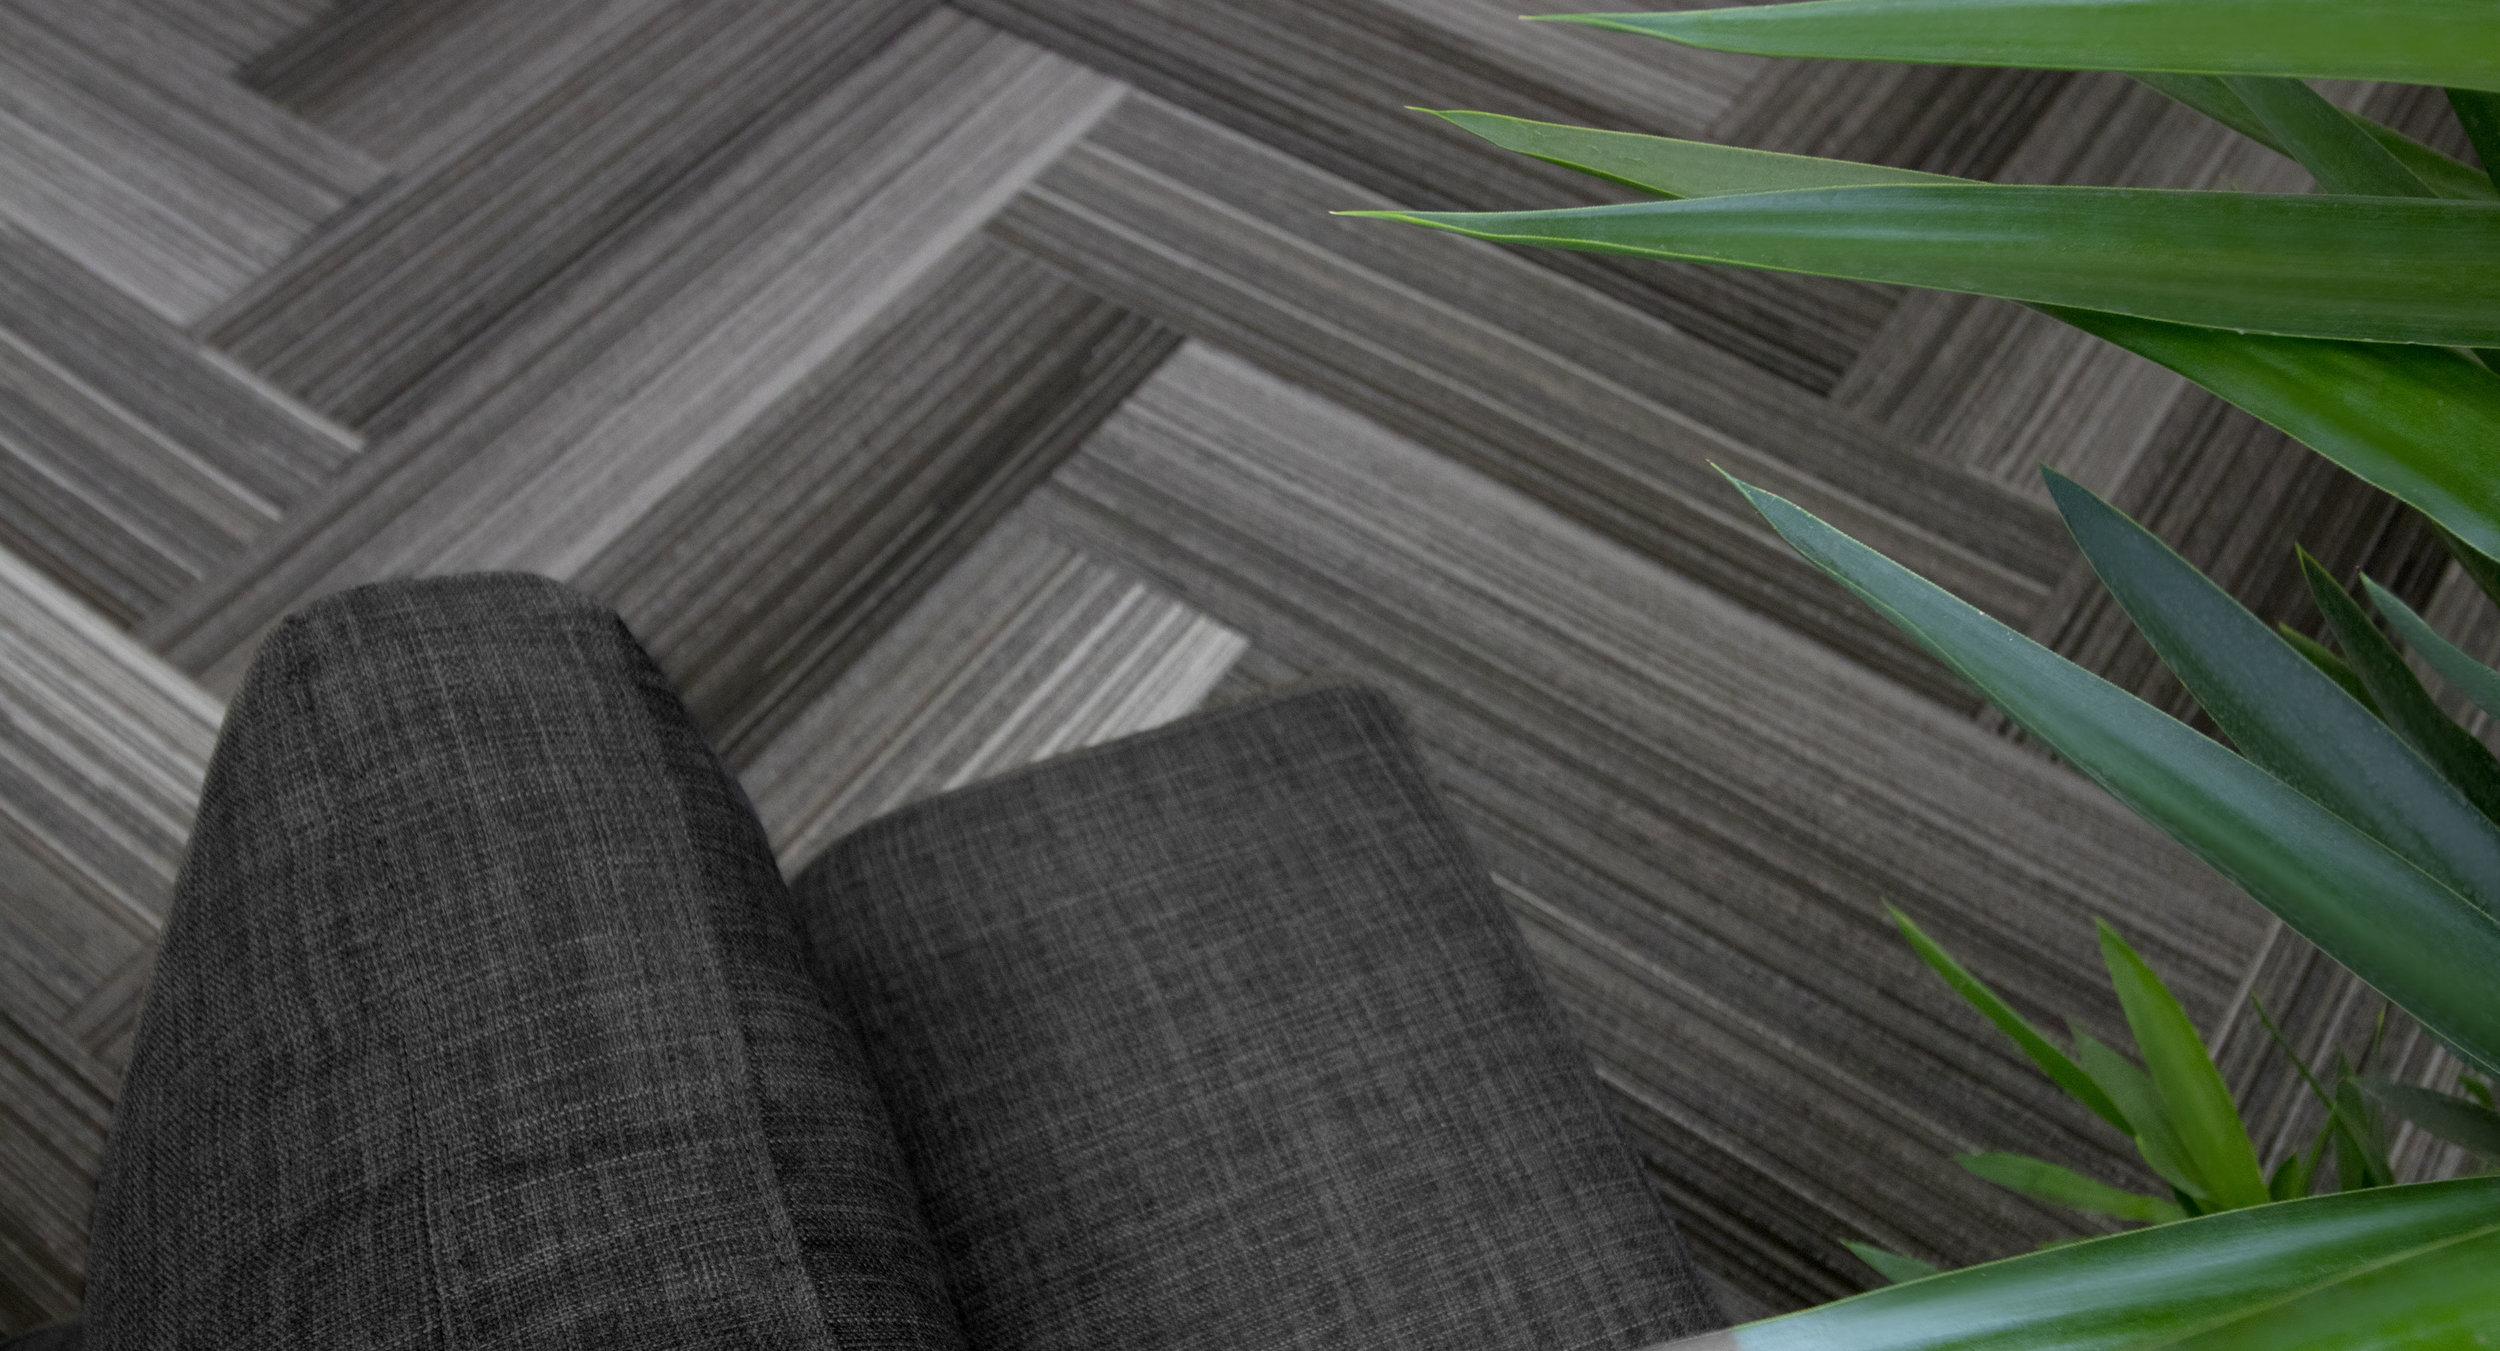 Venture-Carpets-Stratton-herringbone-closeup.jpg